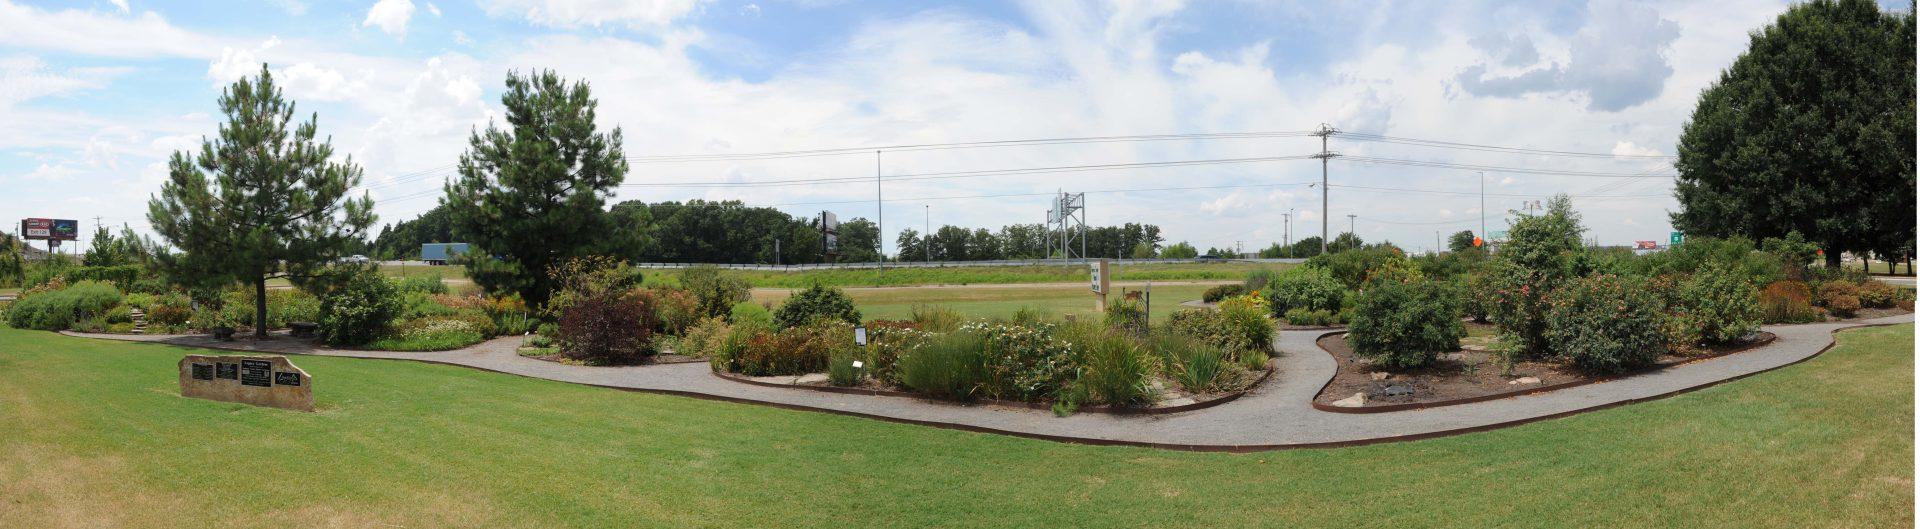 Legacy Garden_Panorama1 copy